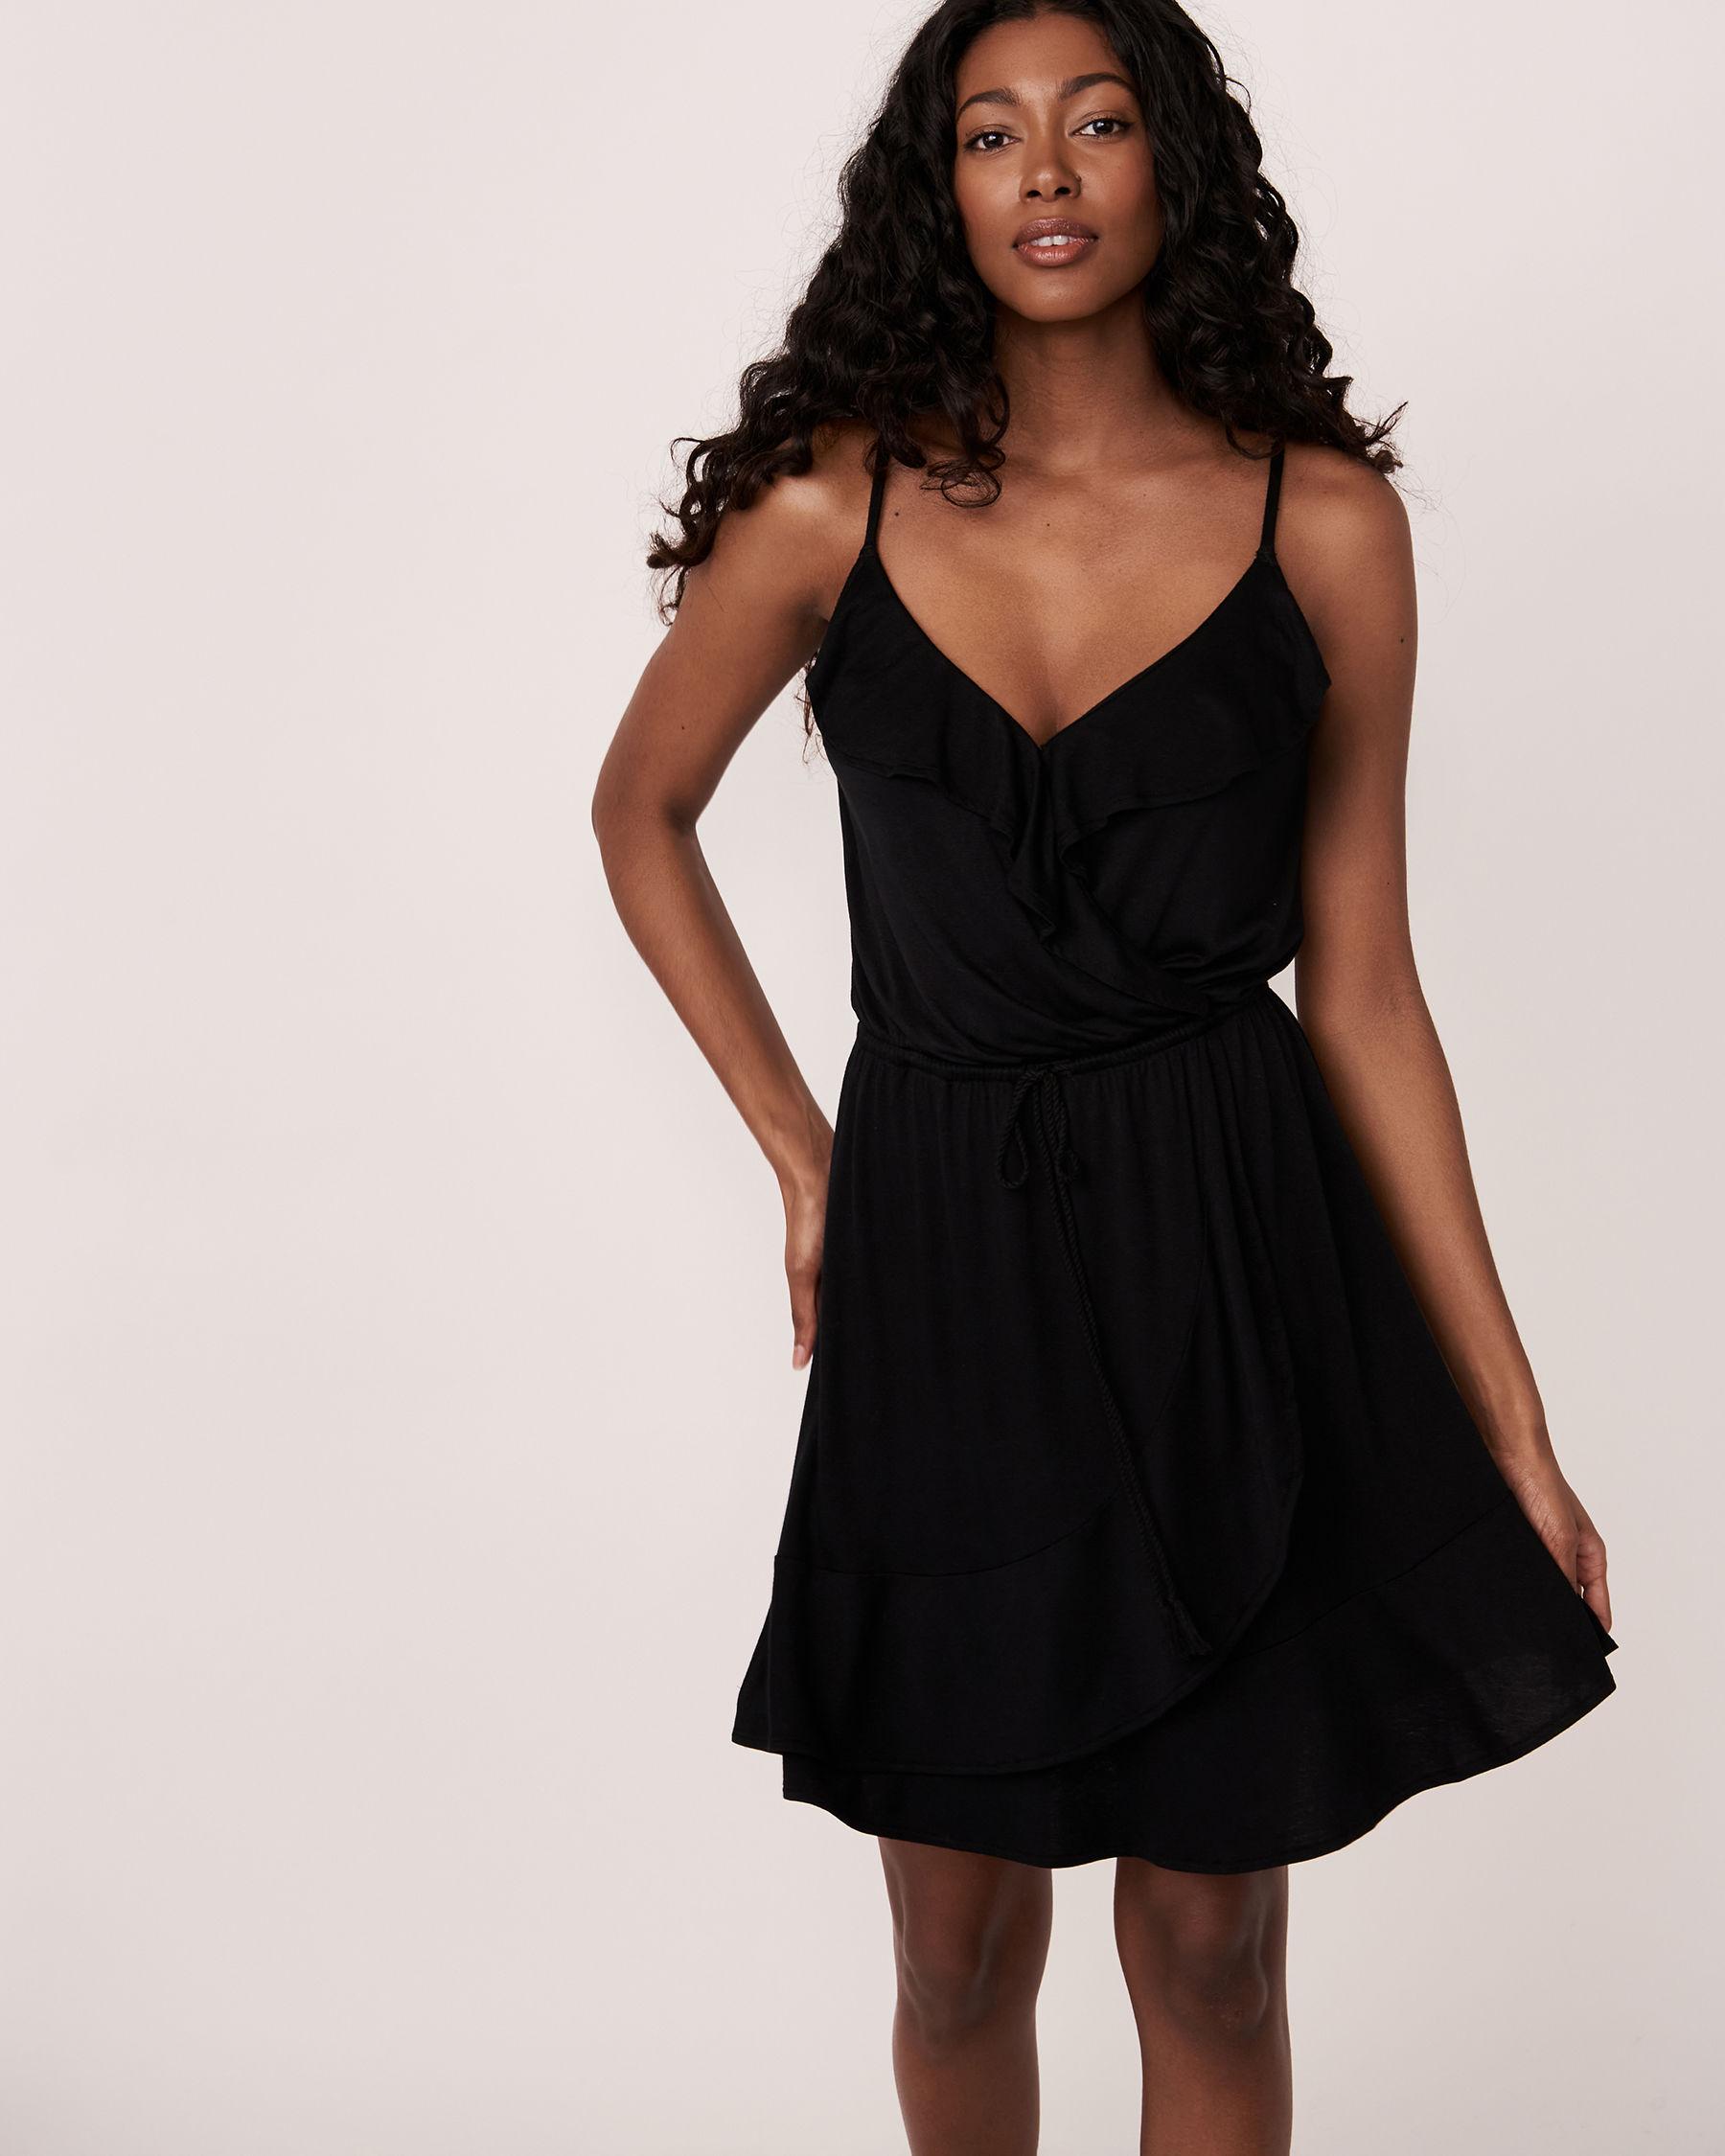 LA VIE EN ROSE AQUA Short Ruffle Dress Black 80300016 - View1